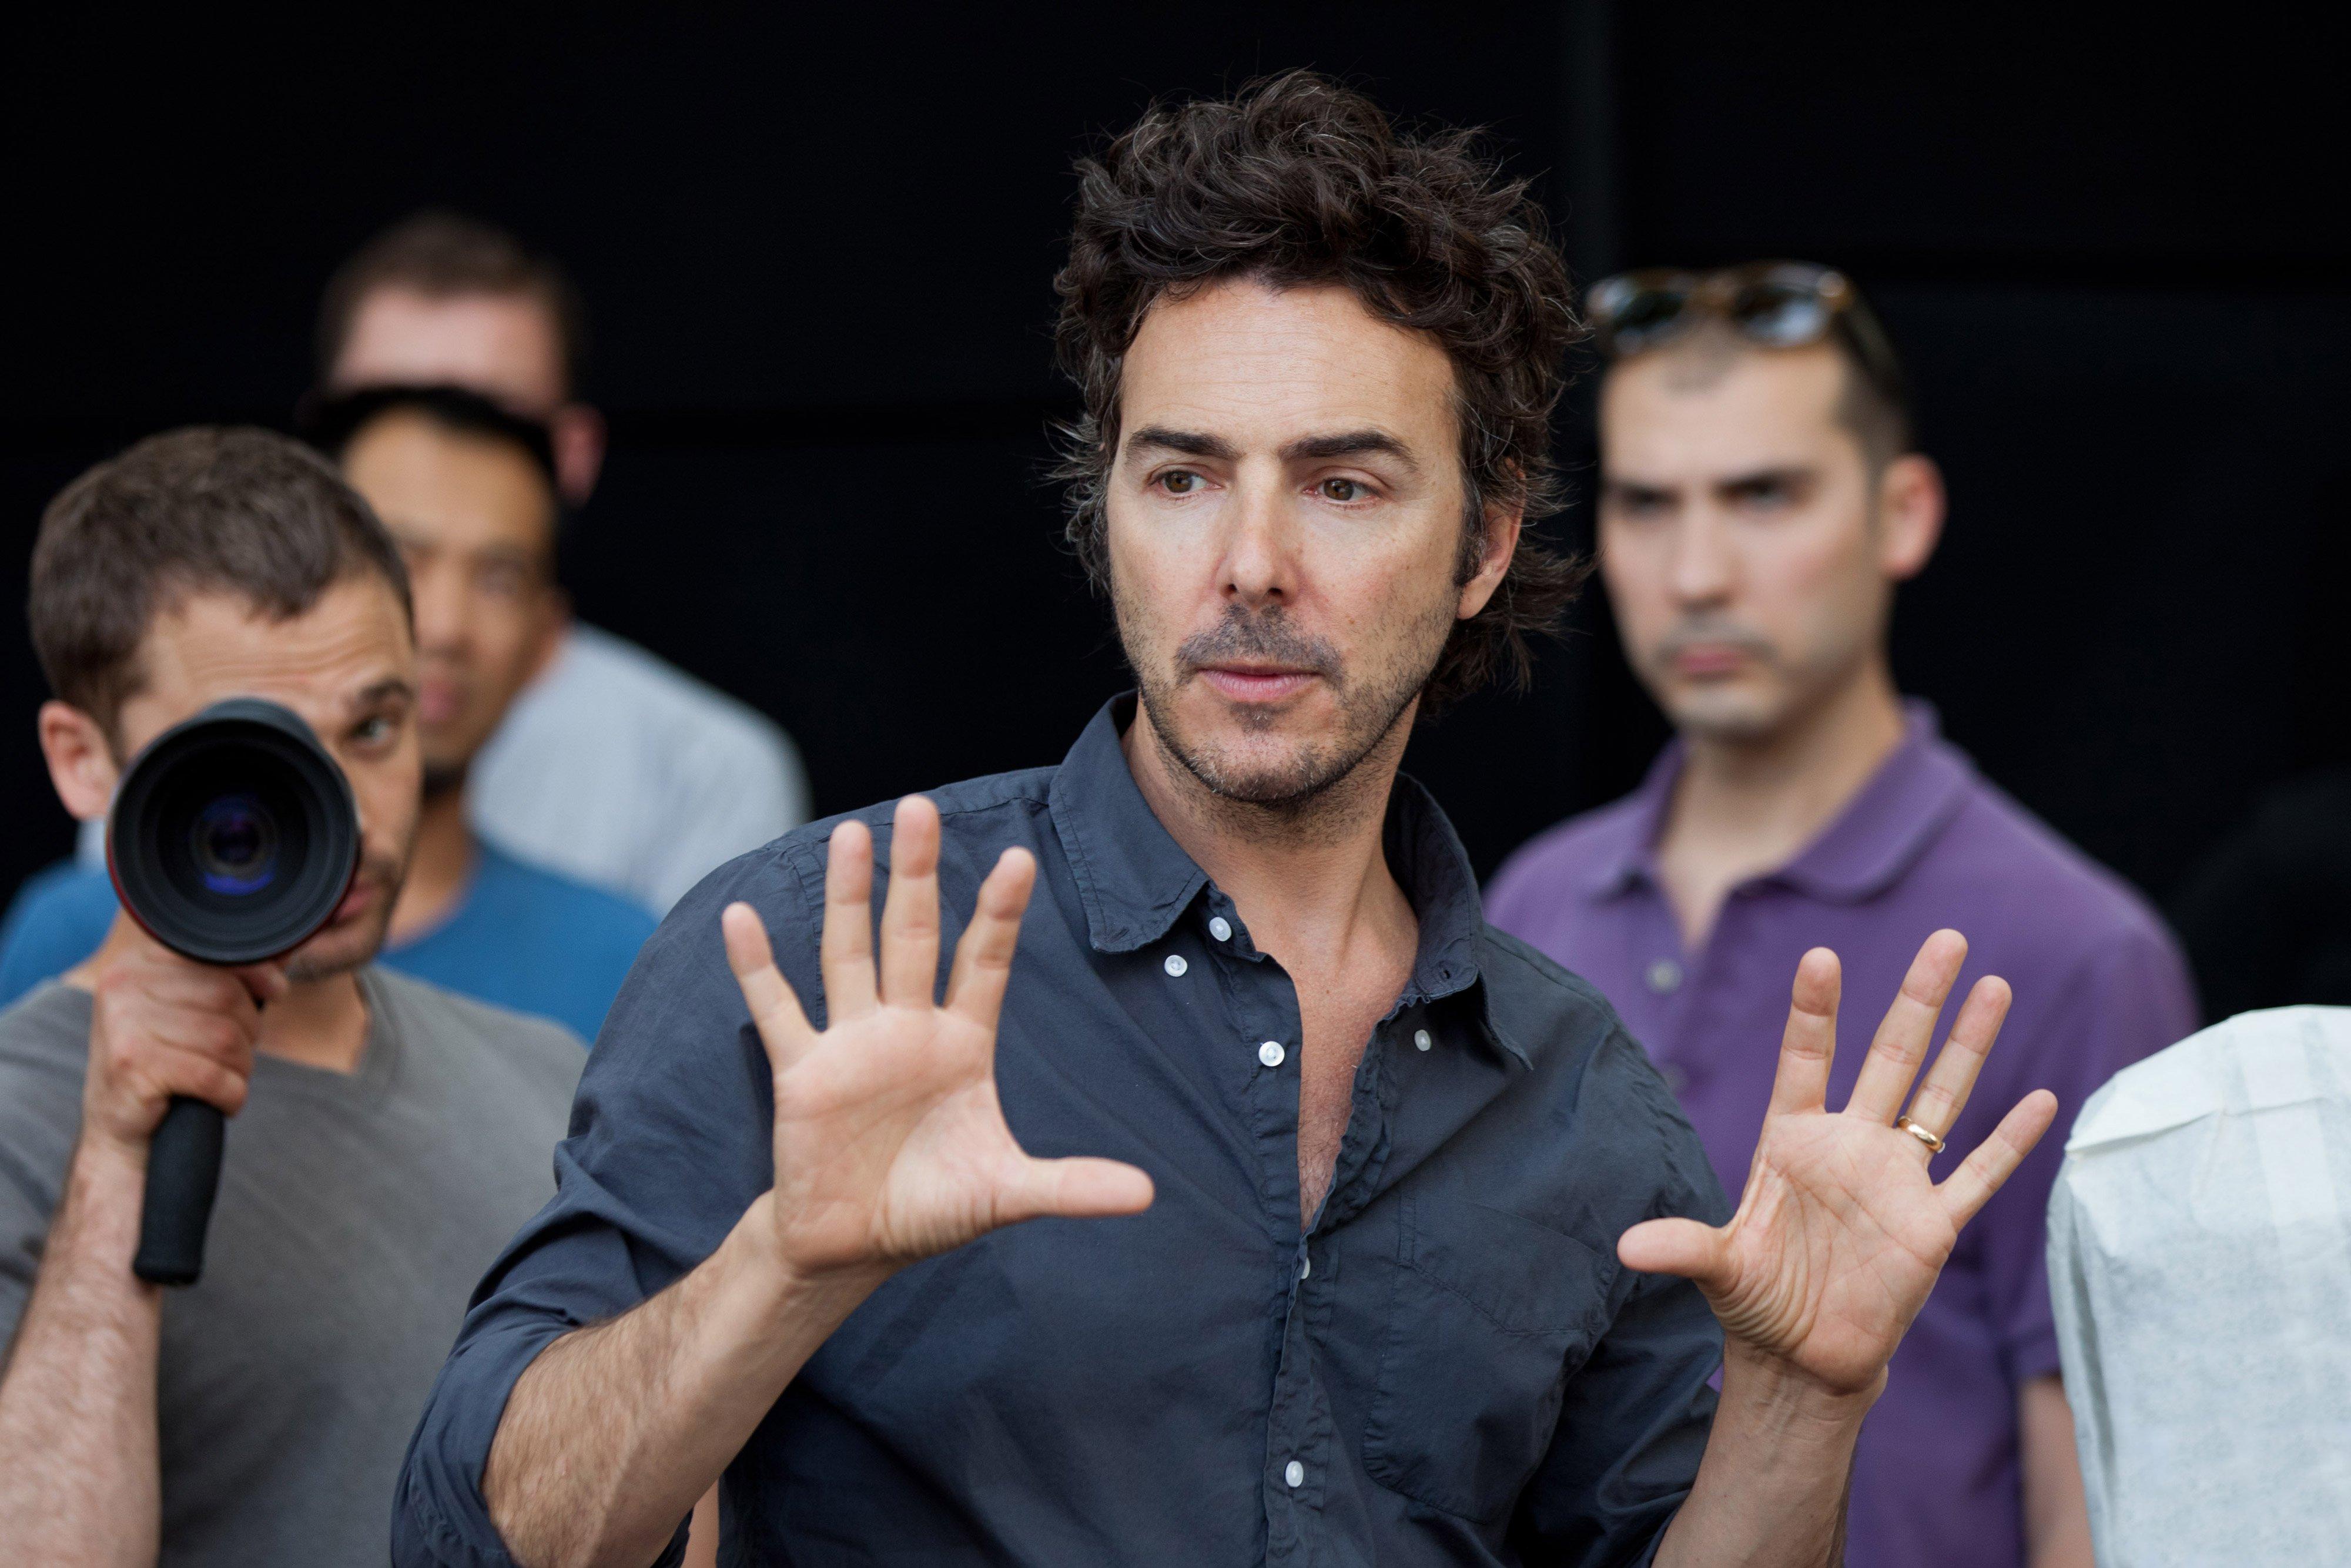 Producenci Stranger Things tworzą serial o nawiedzonym domu